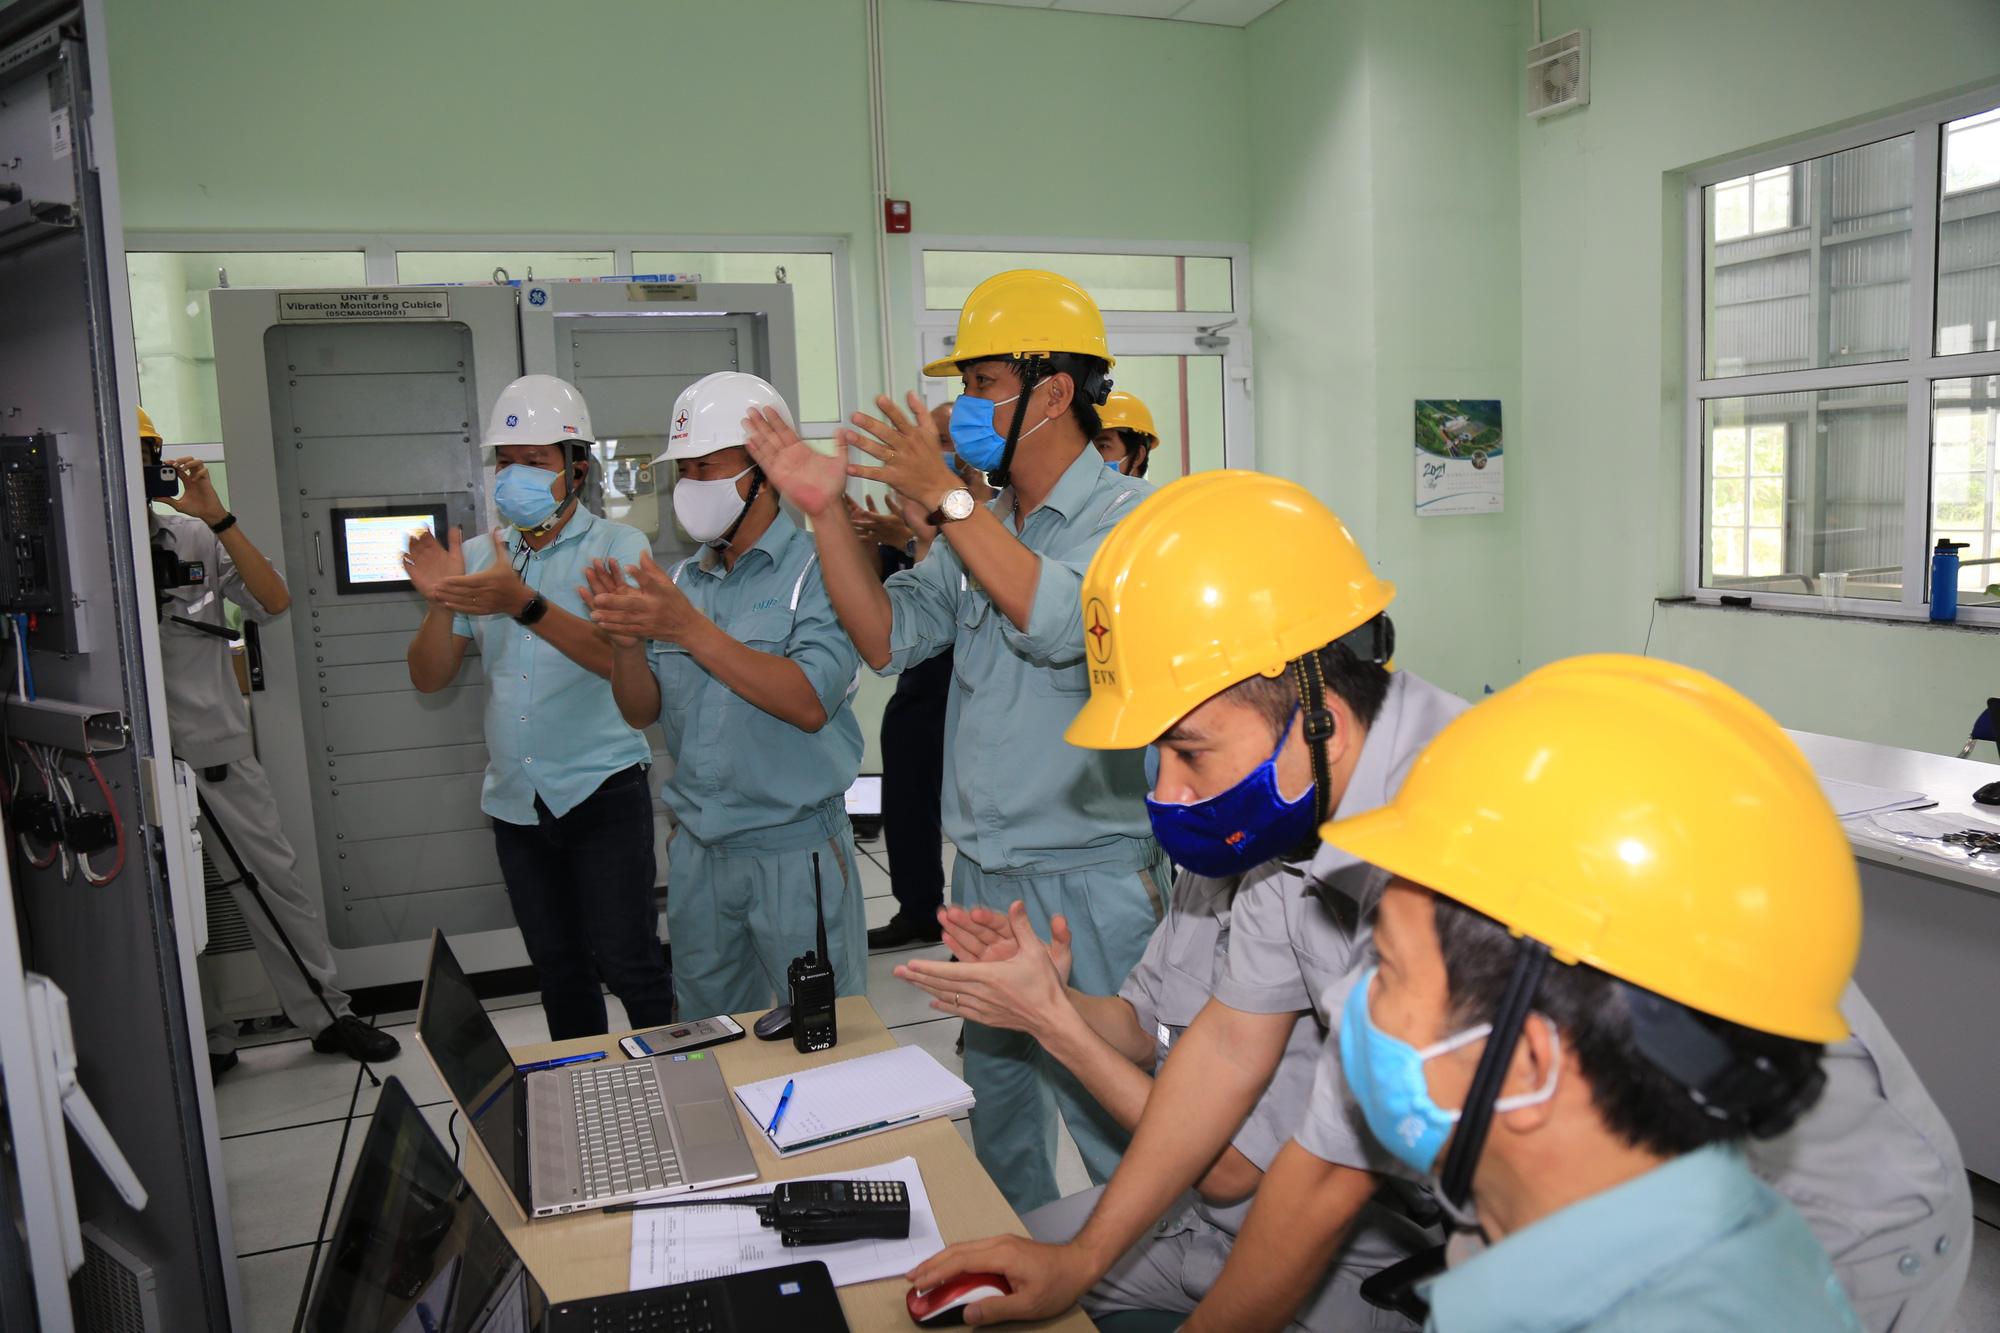 Tổ máy H5 Dự án mở rộng Nhà máy thủy điện Đa Nhim chính thức hoà lưới điện quốc gia - Ảnh 1.